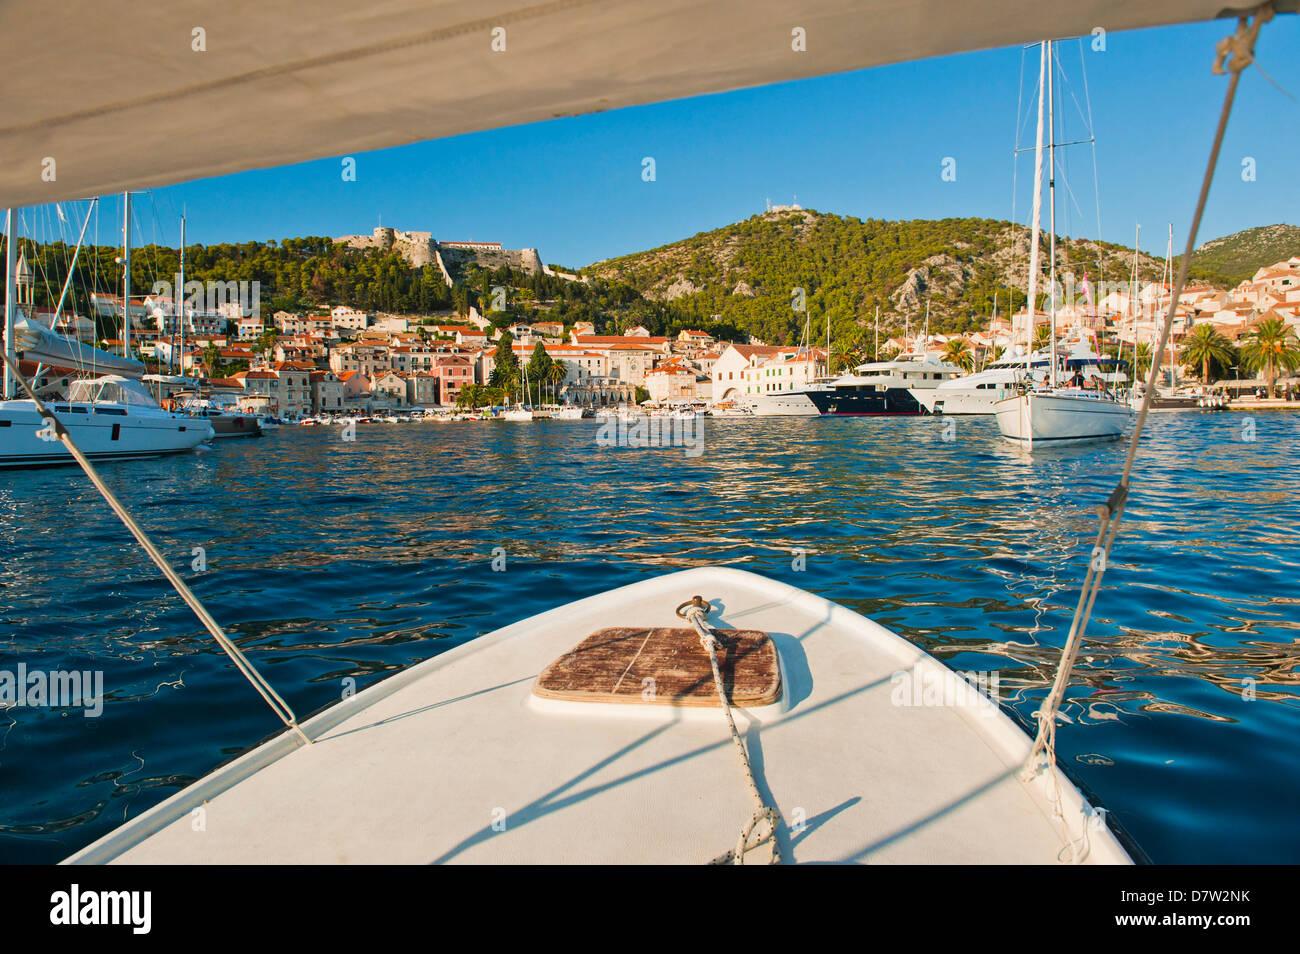 Voile voyage retourner à la ville de Hvar, Hvar, île de la côte dalmate, Adriatique, Croatie Photo Stock